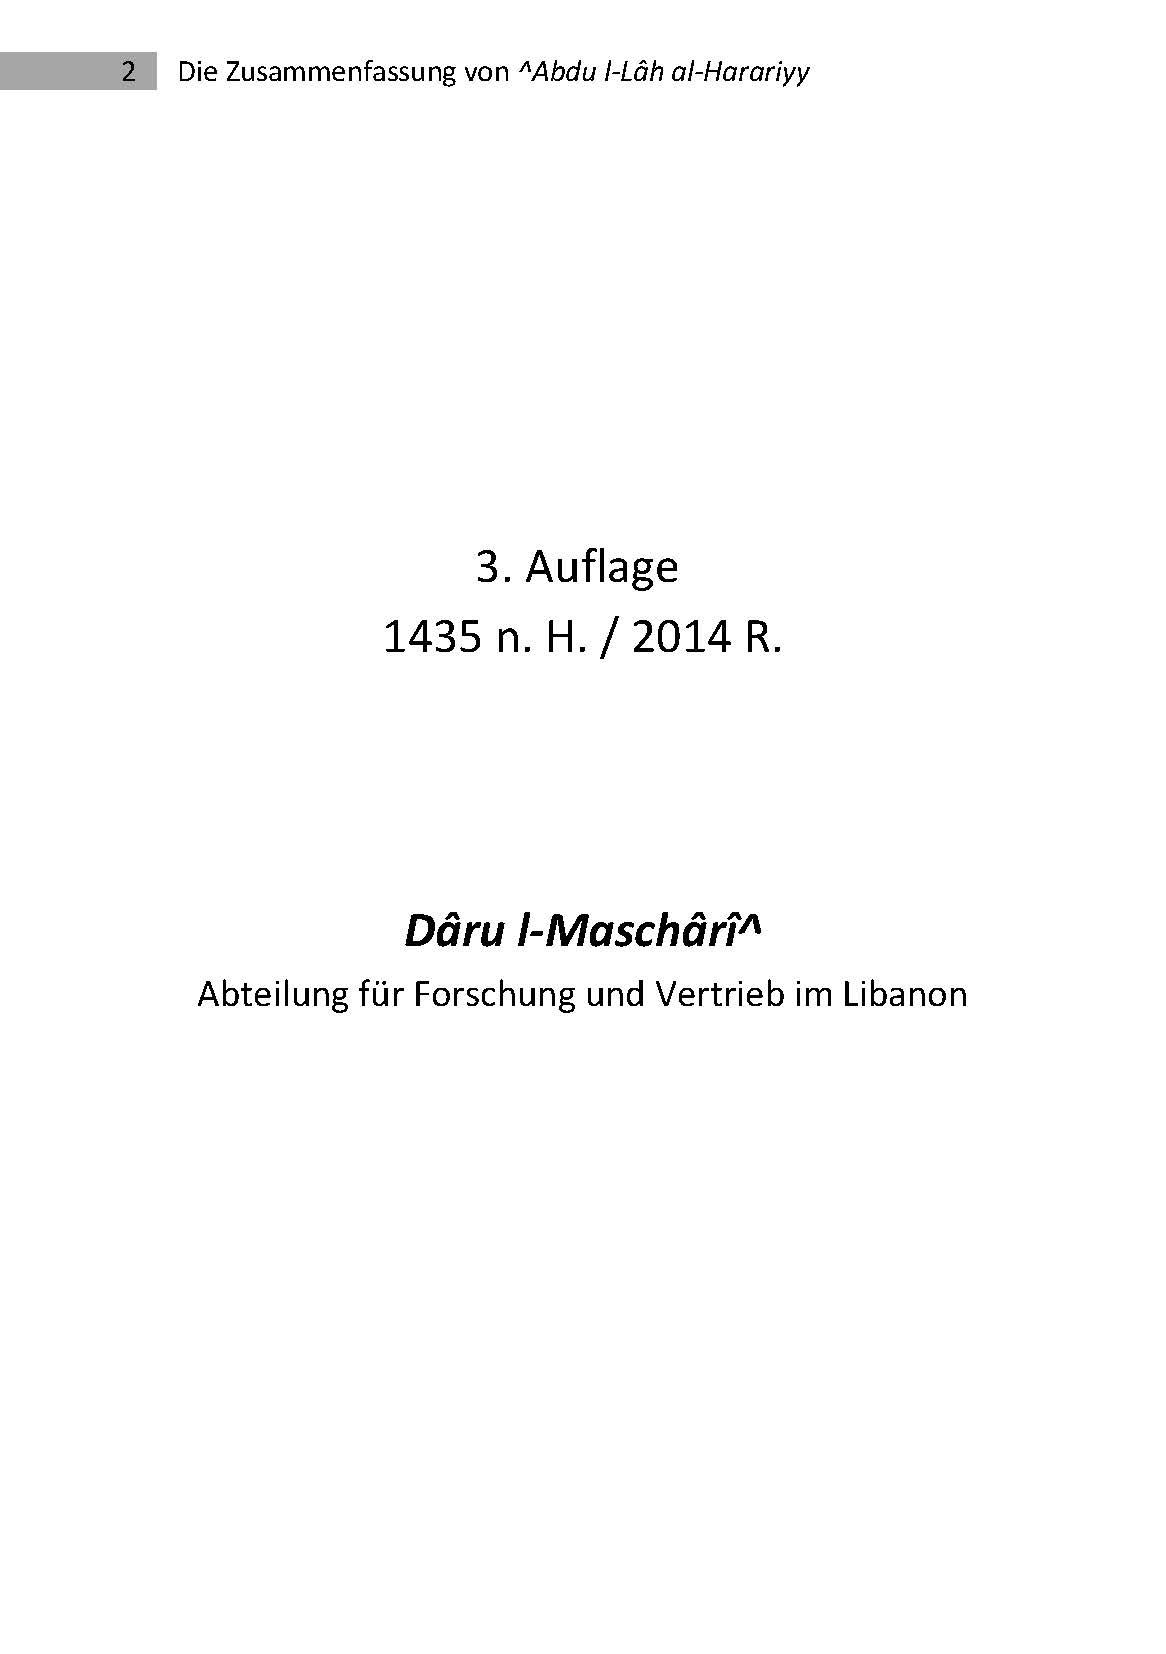 Die Zusammenfassung - 3. Auflage 2014_Seite_02